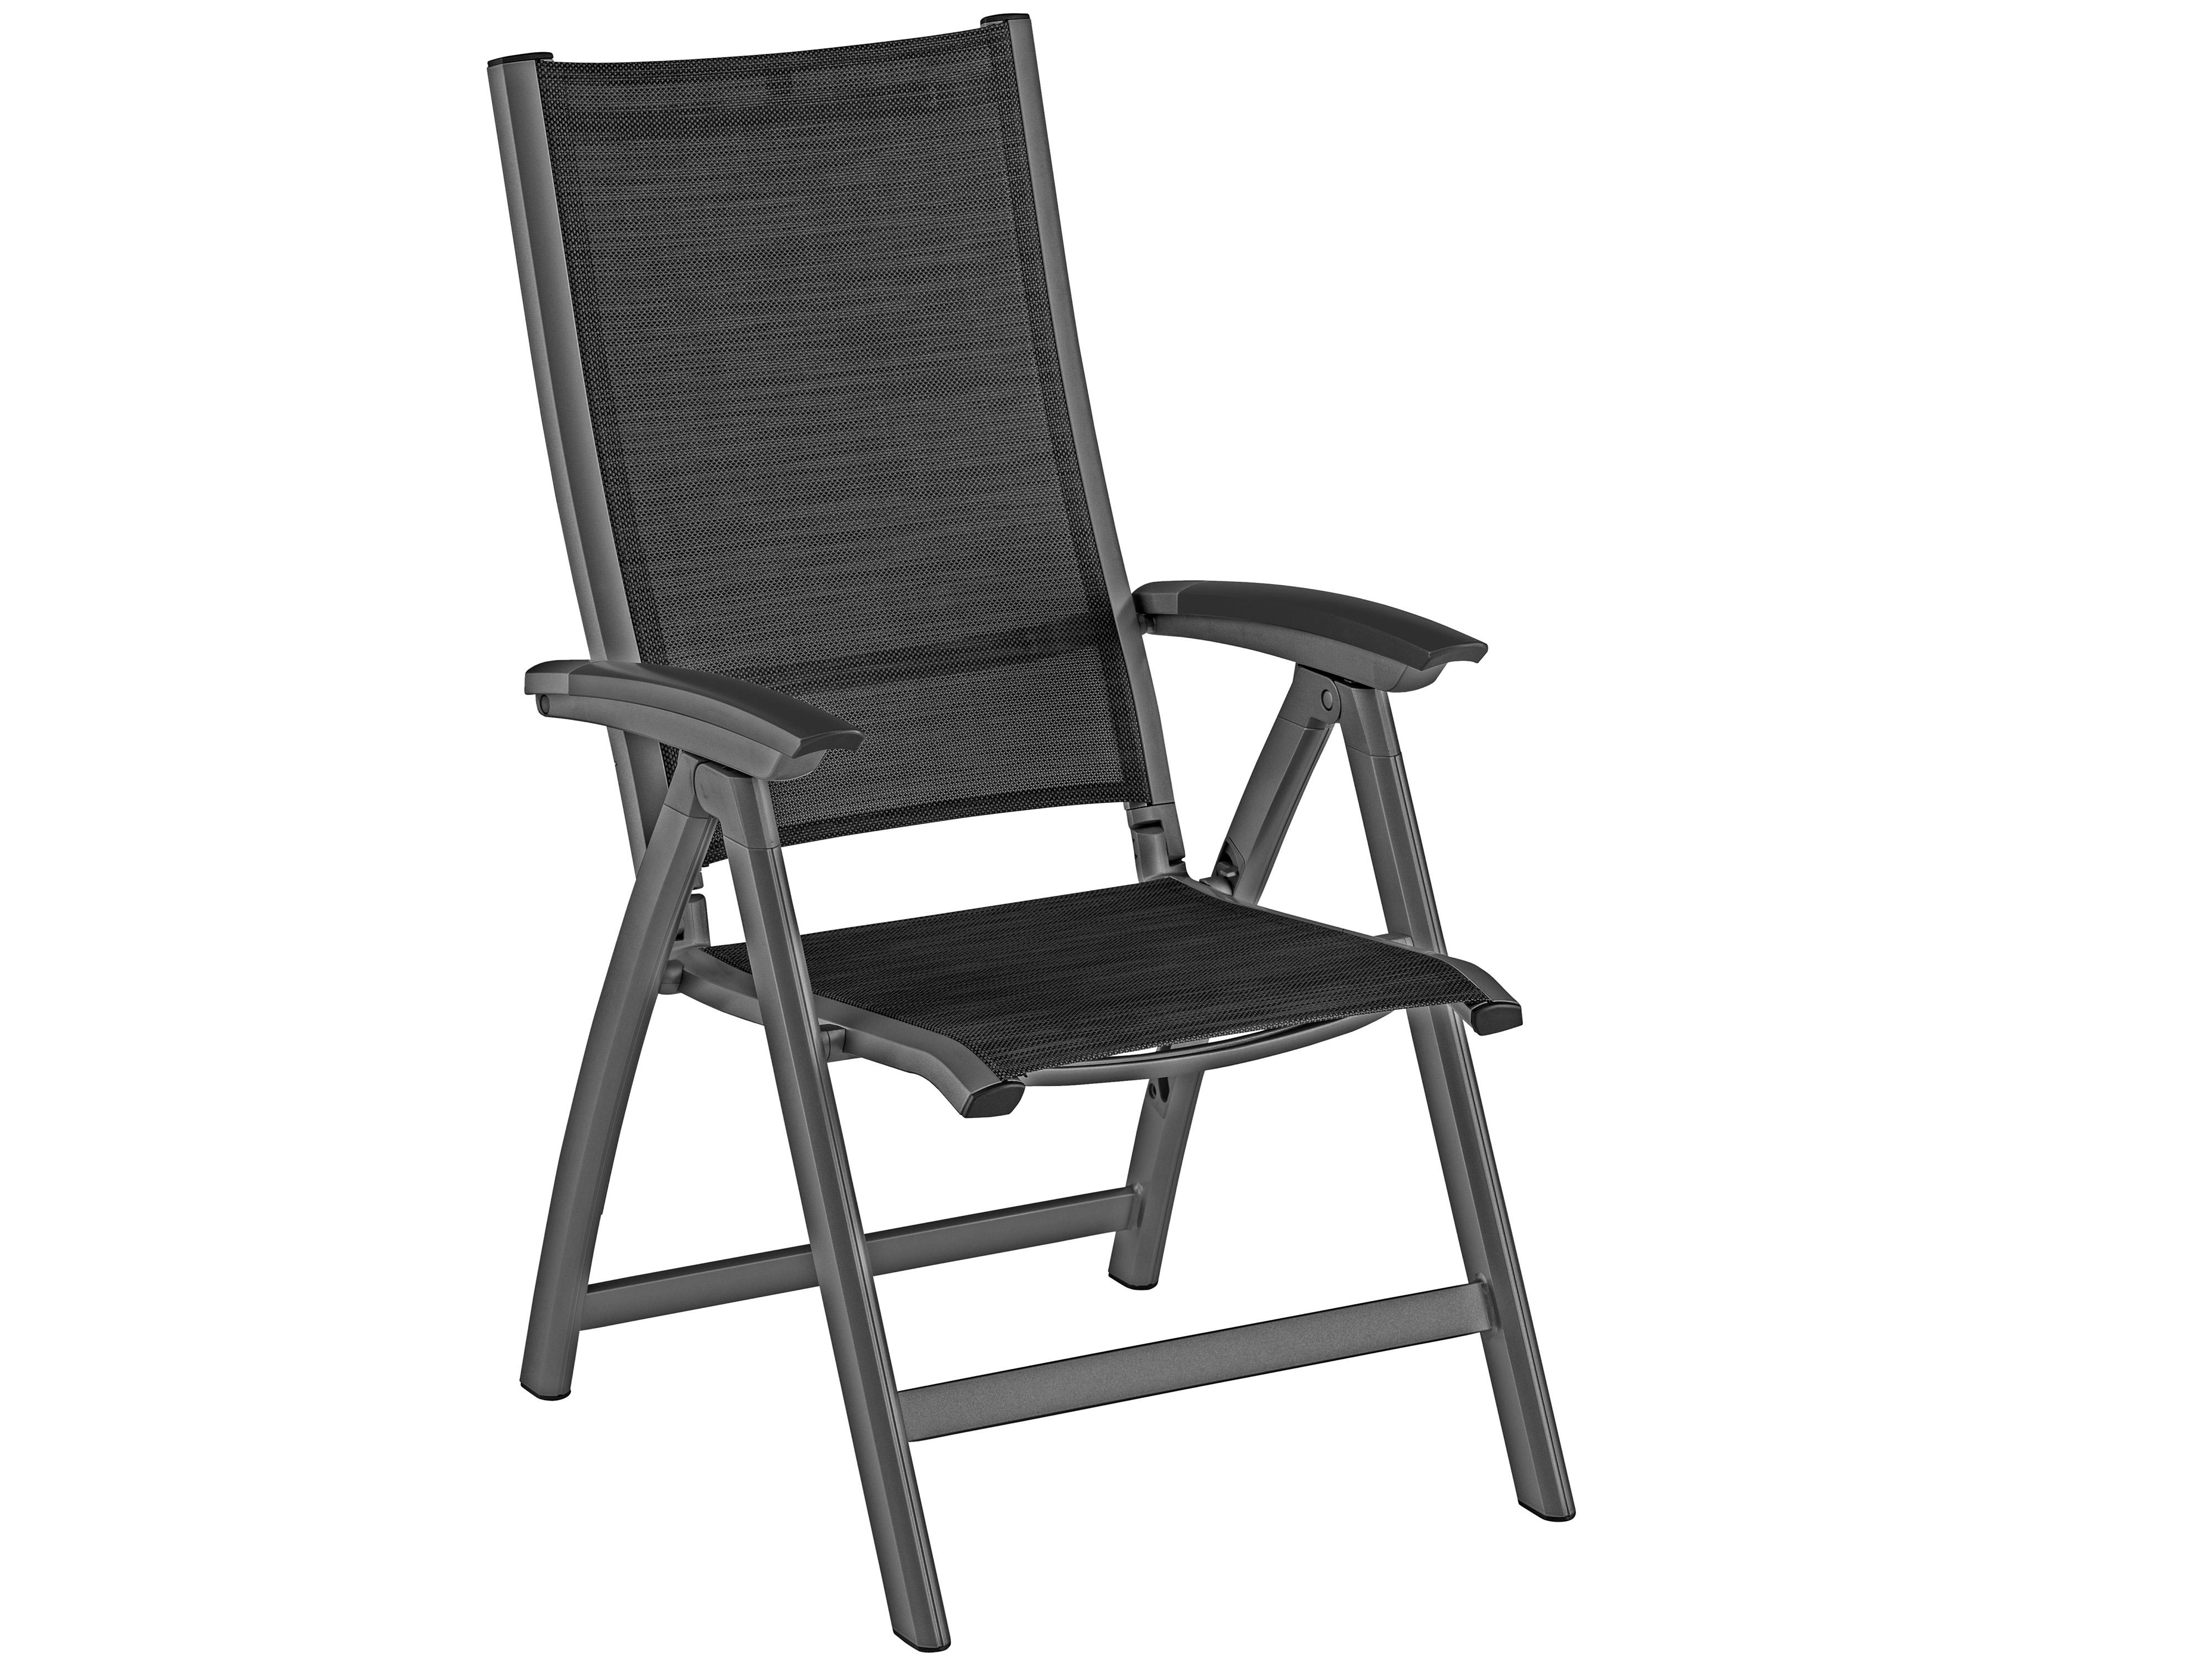 kettler avalon multipositionssessel anthrazit graphit gartenm bel l nse. Black Bedroom Furniture Sets. Home Design Ideas